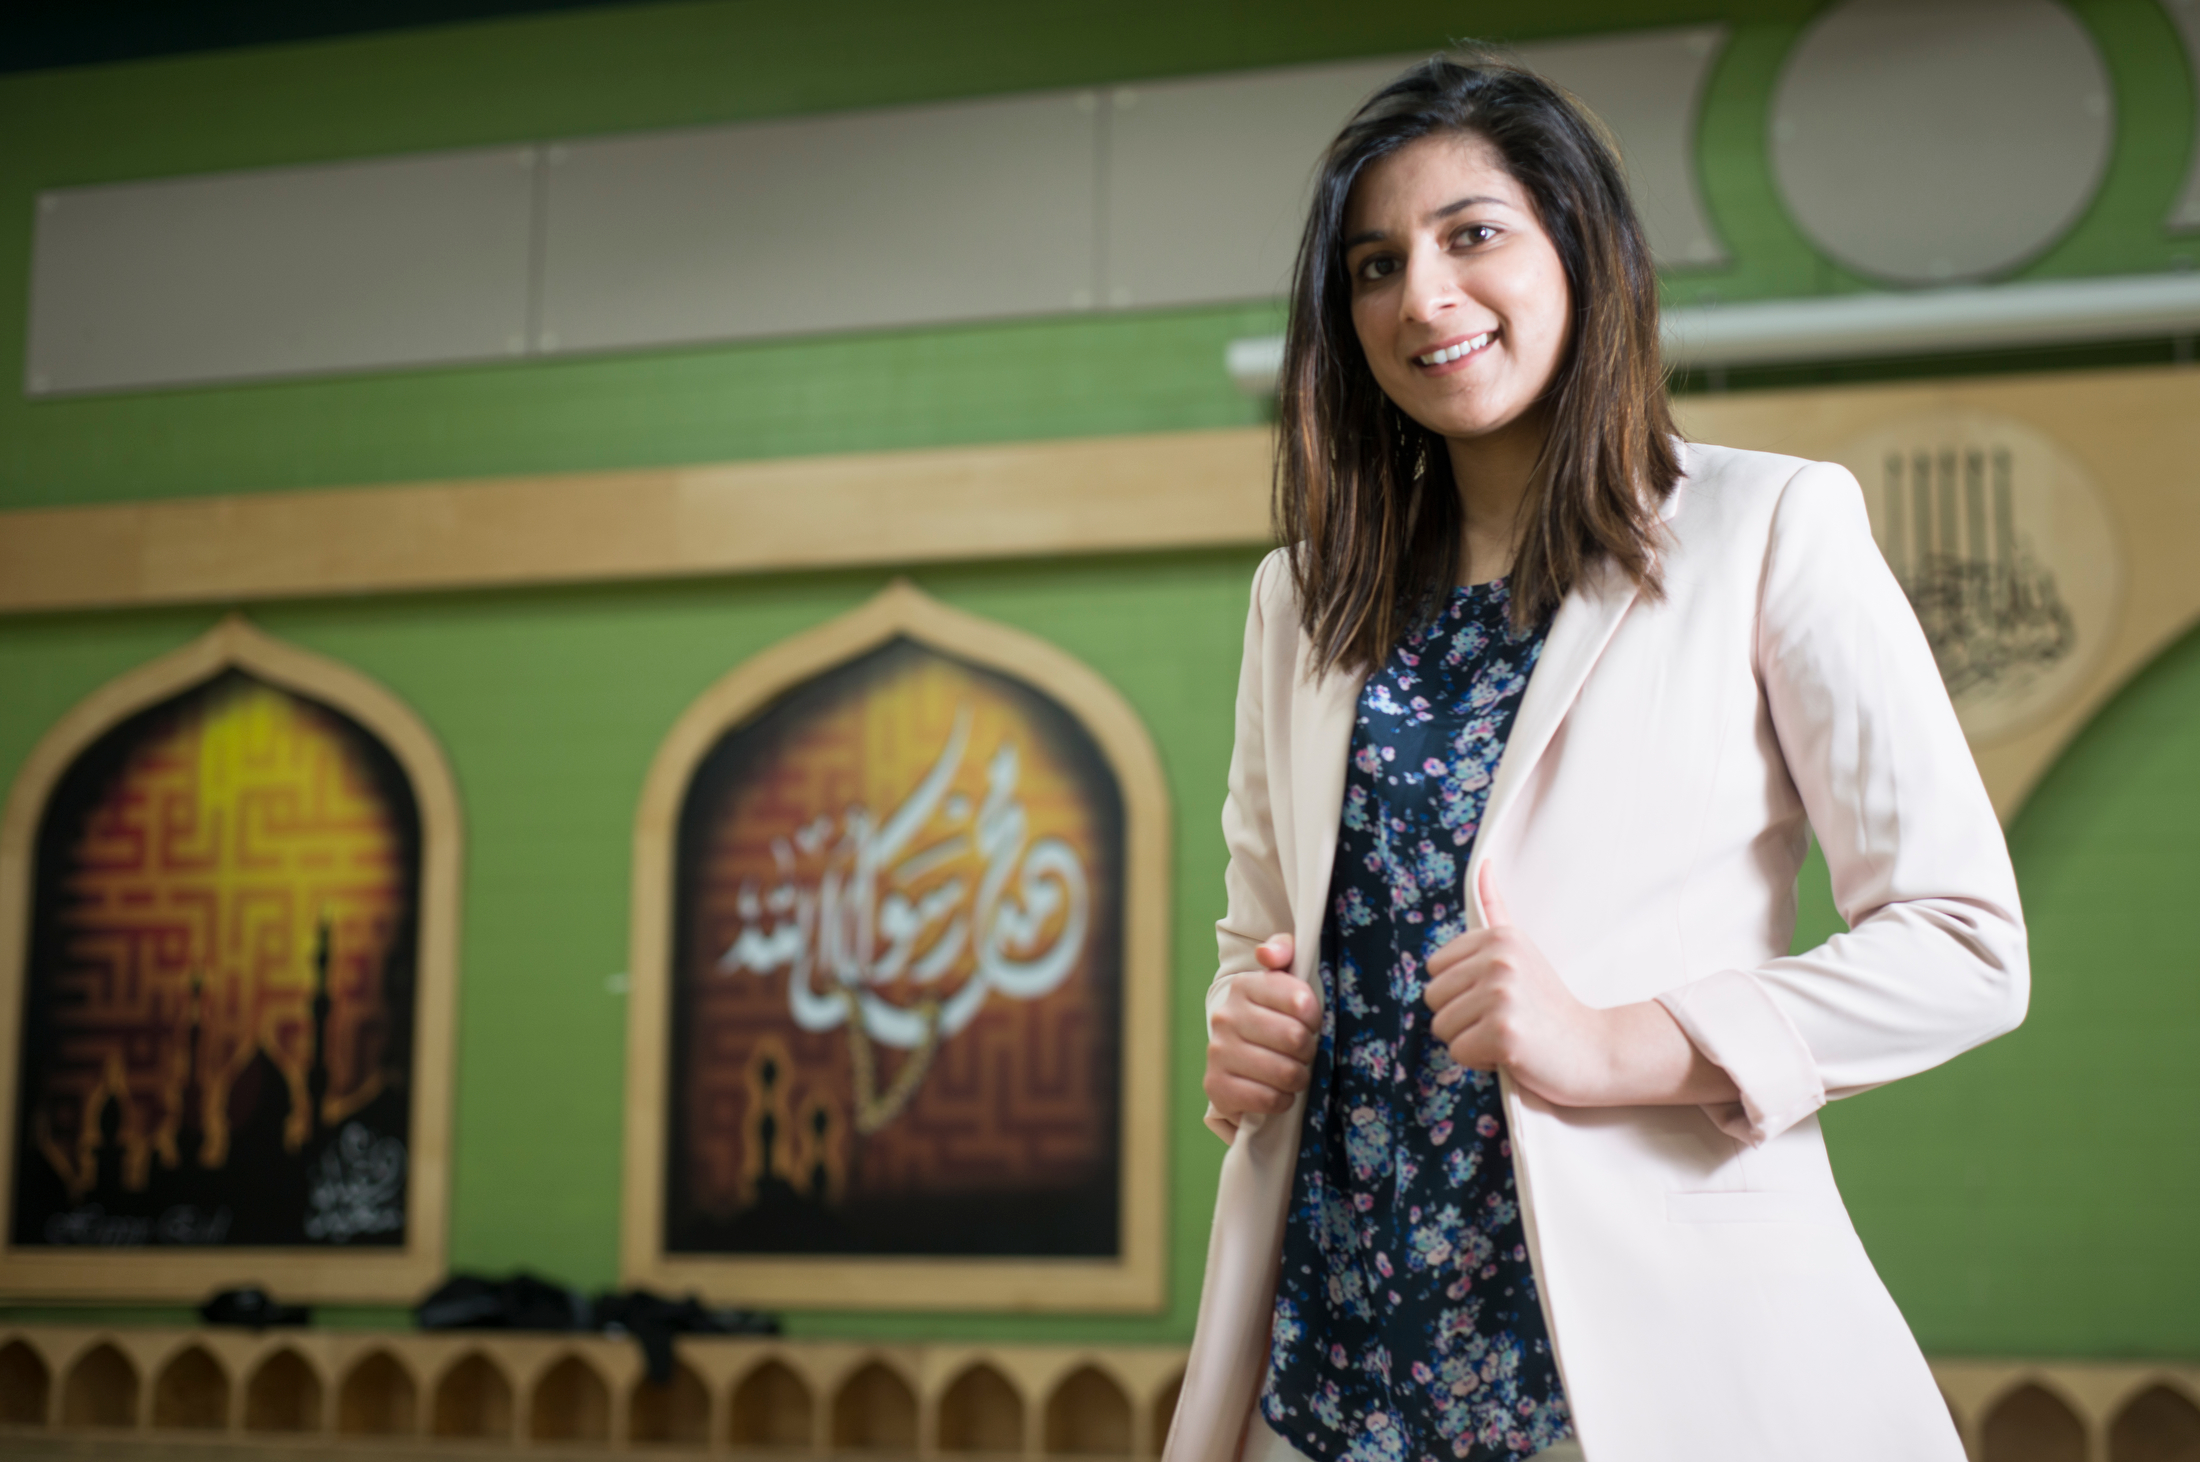 Muslim medical students take pride in wearing hijab | Spartan Newsroom